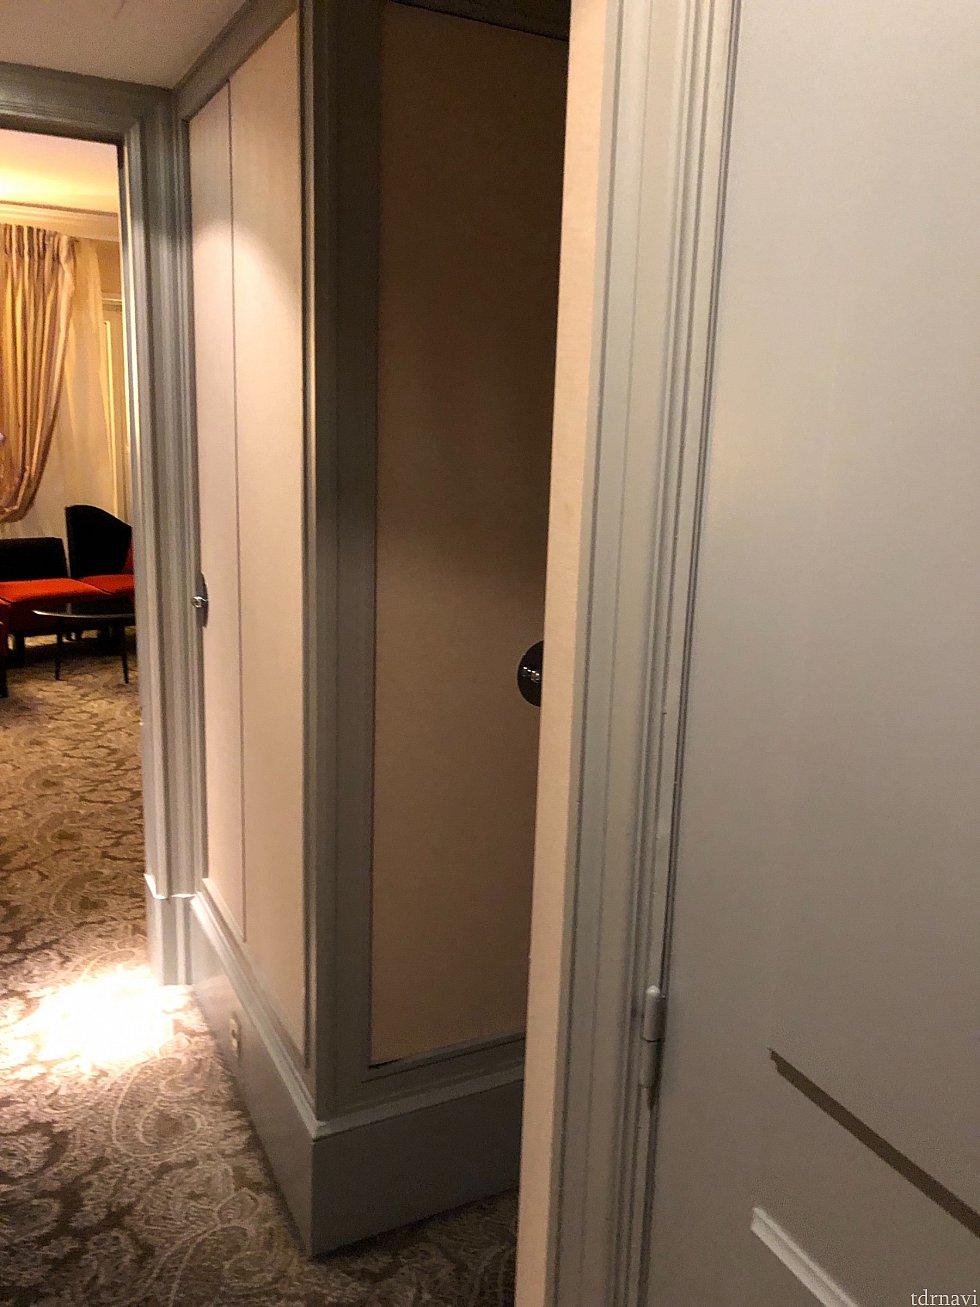 お部屋のドアは水色🦋でかわいいです